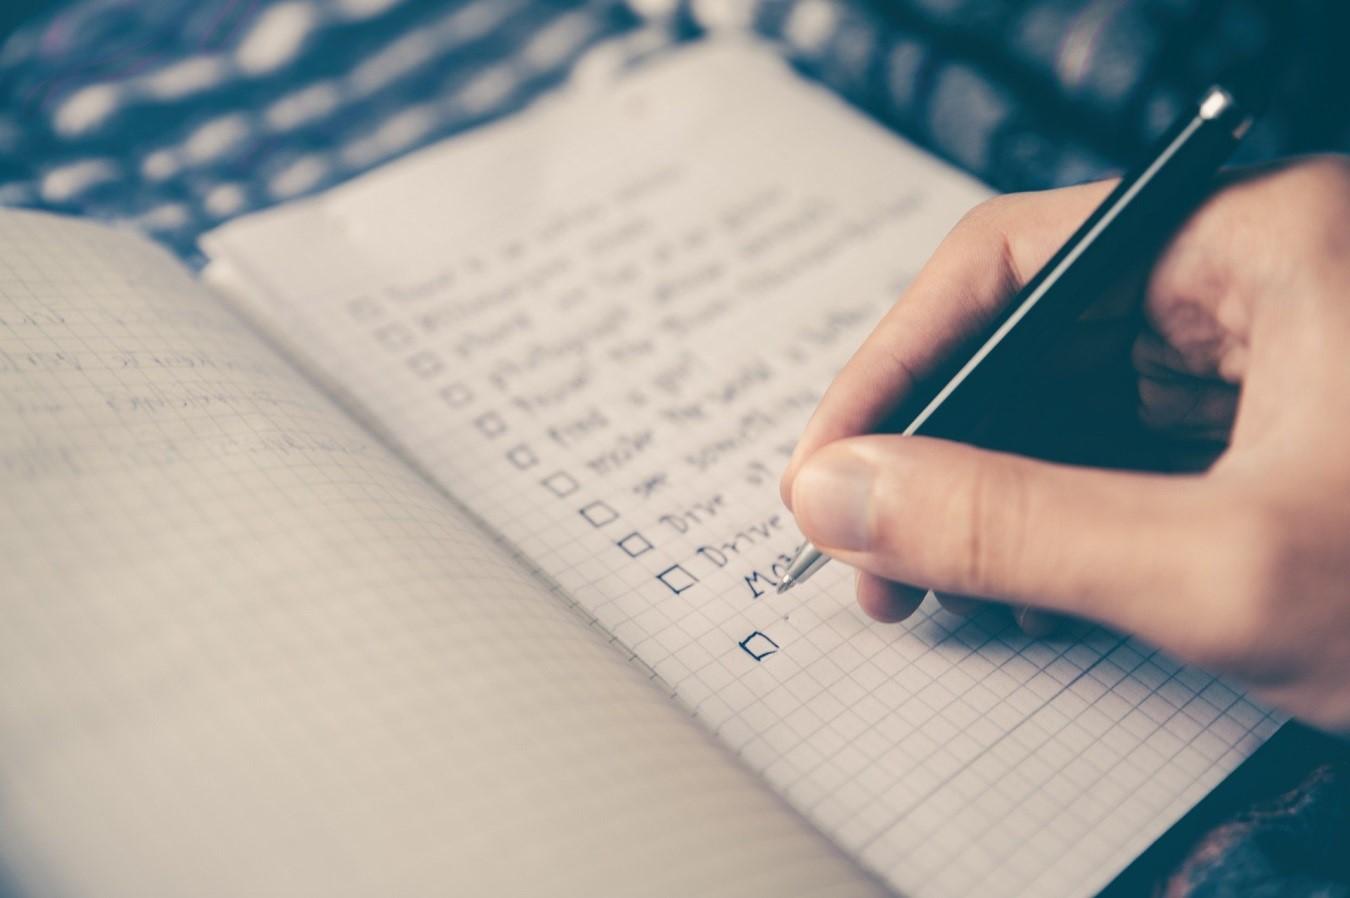 gestiona tu tiempo y vence la procrastinación.